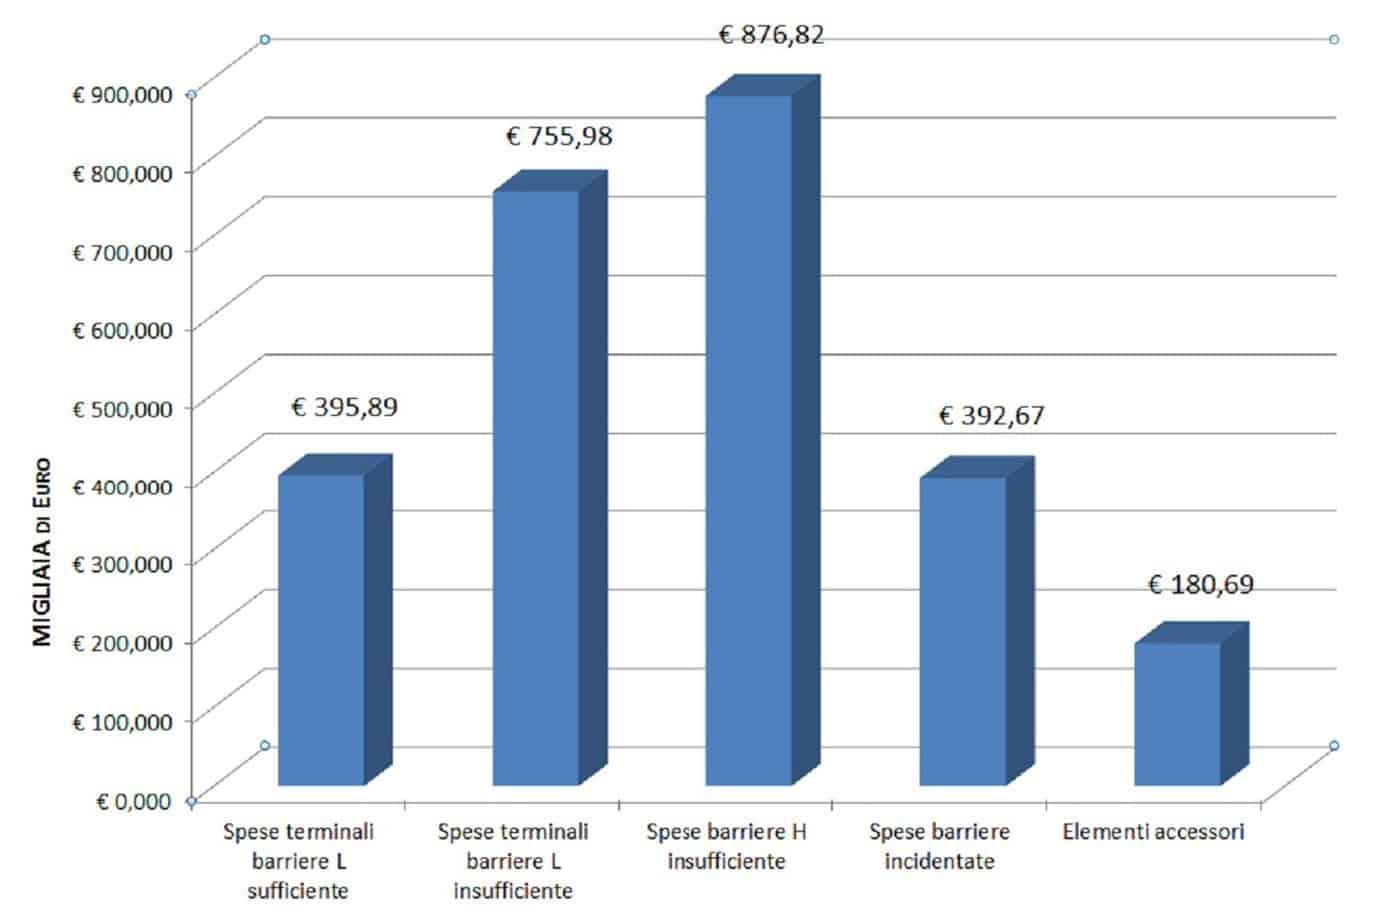 La distribuzione delle risorse necessarie per il ripristino delle barriere esistenti in funzione della tipologia di intervento